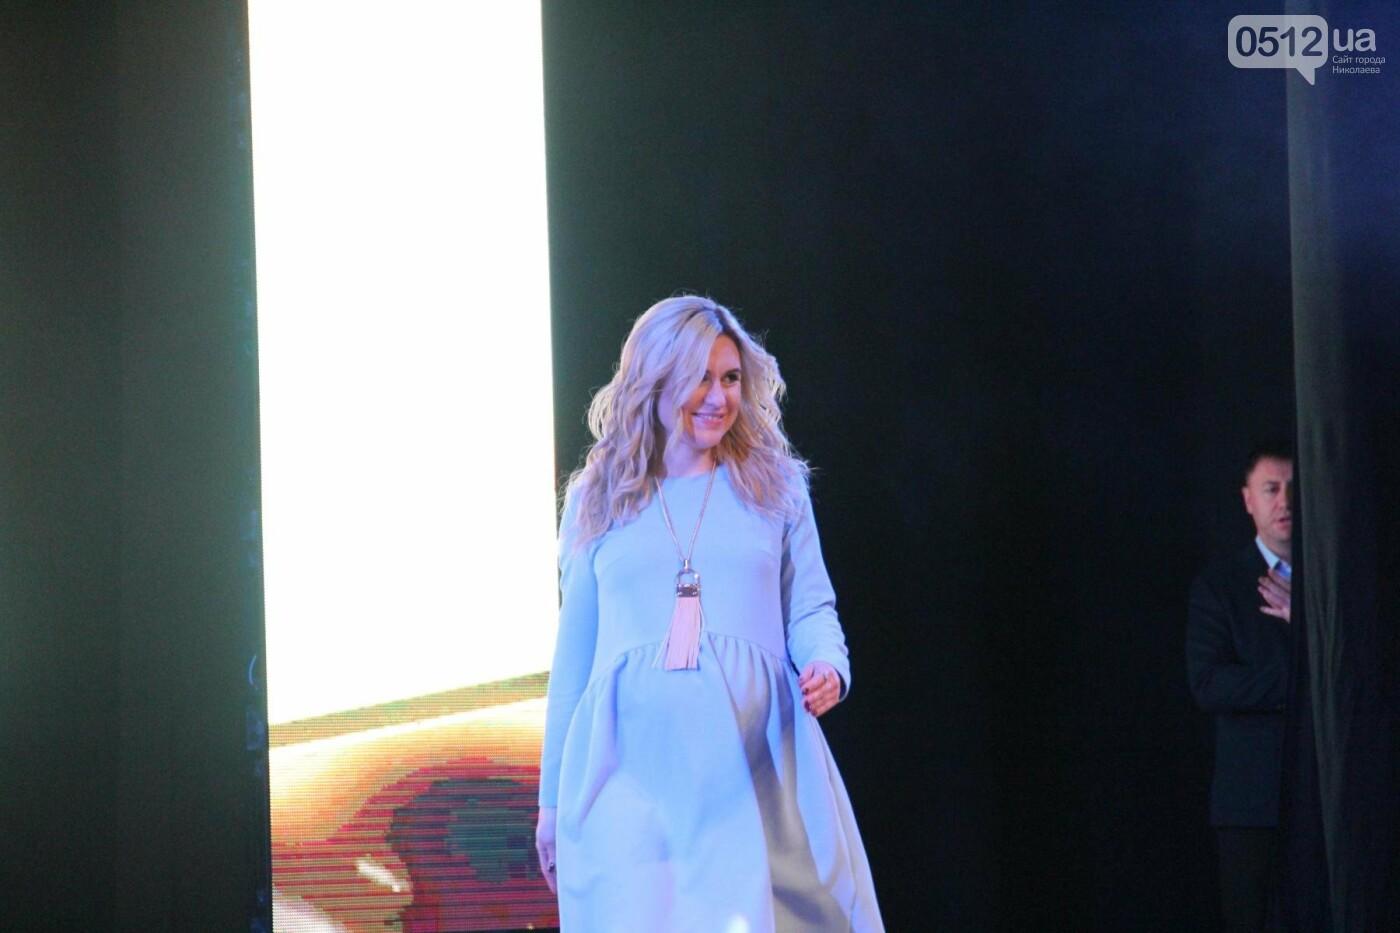 В Николаеве на конкурсе «Miss Top model Ukraine» выбрали самую красивую модель в Украине, - ФОТО, фото-23